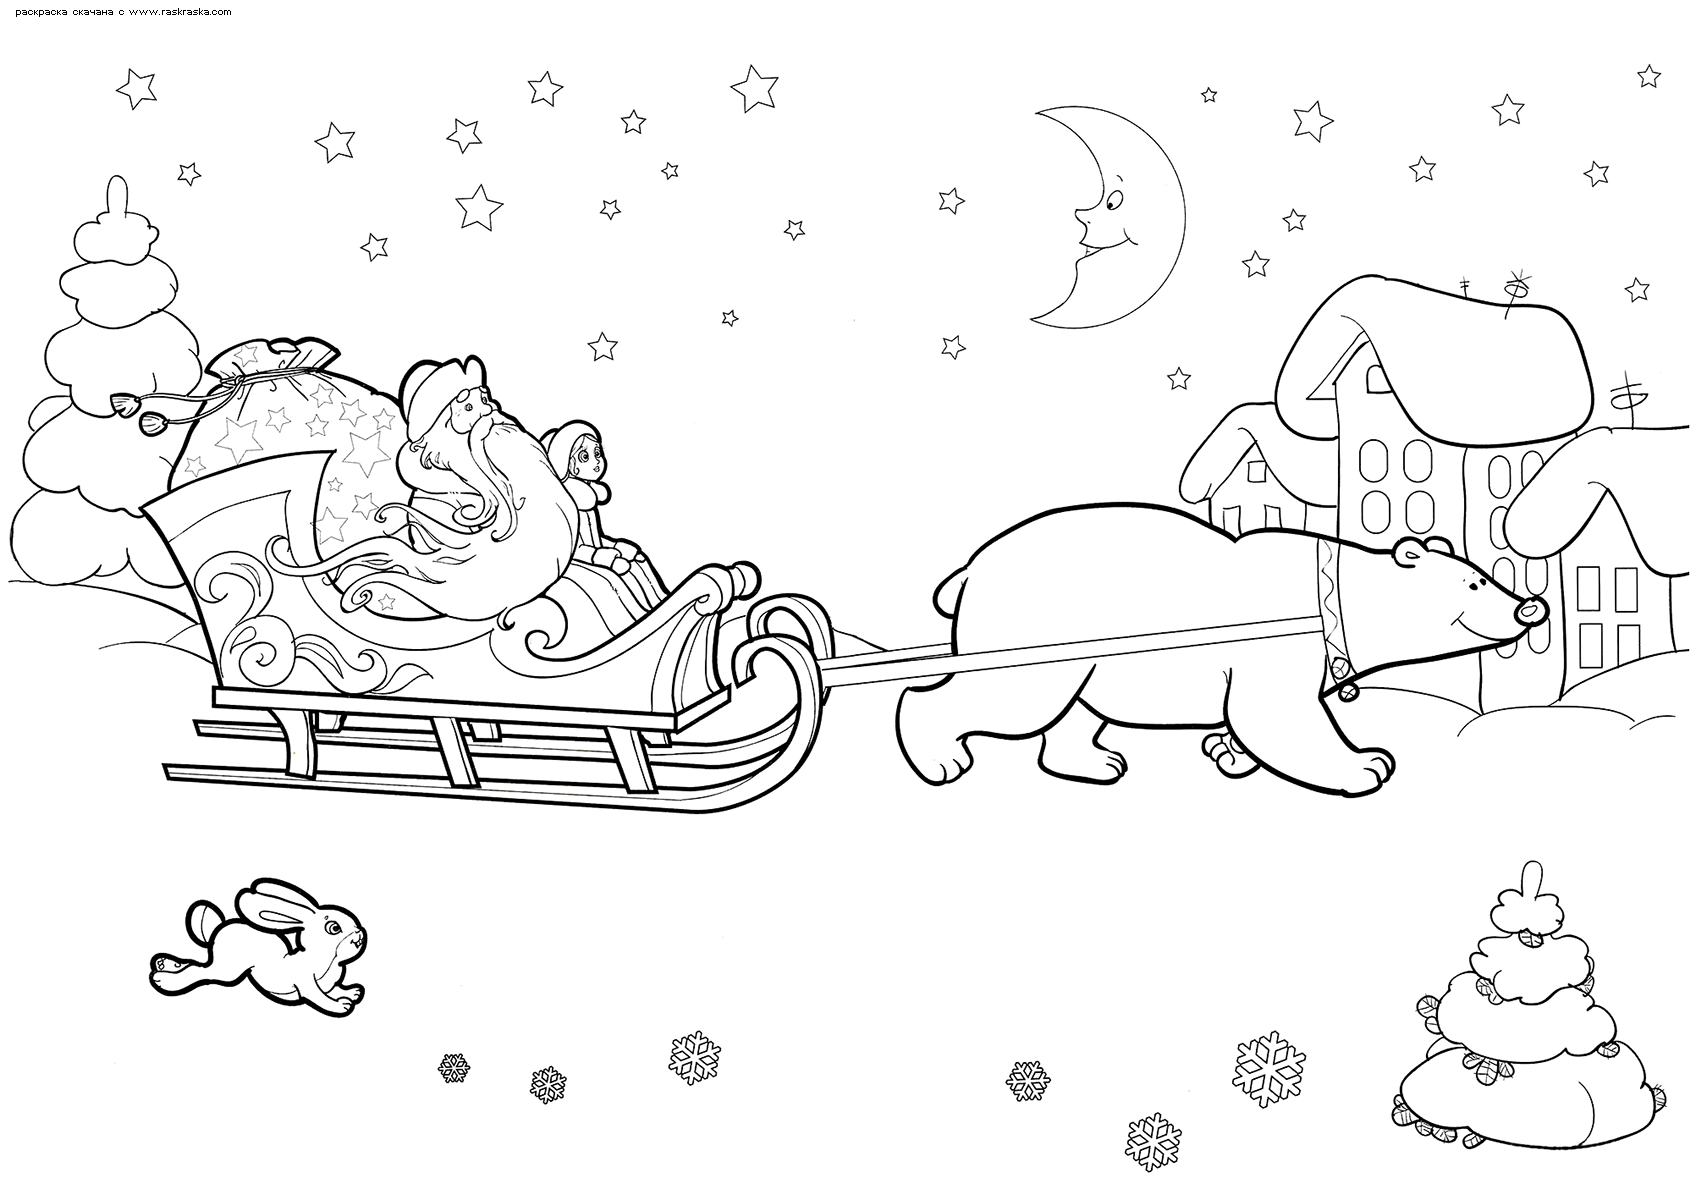 Раскраска Дед Мороз и Снегурочка в санях. Раскраска дед мороз, снегурочка, сани, зима